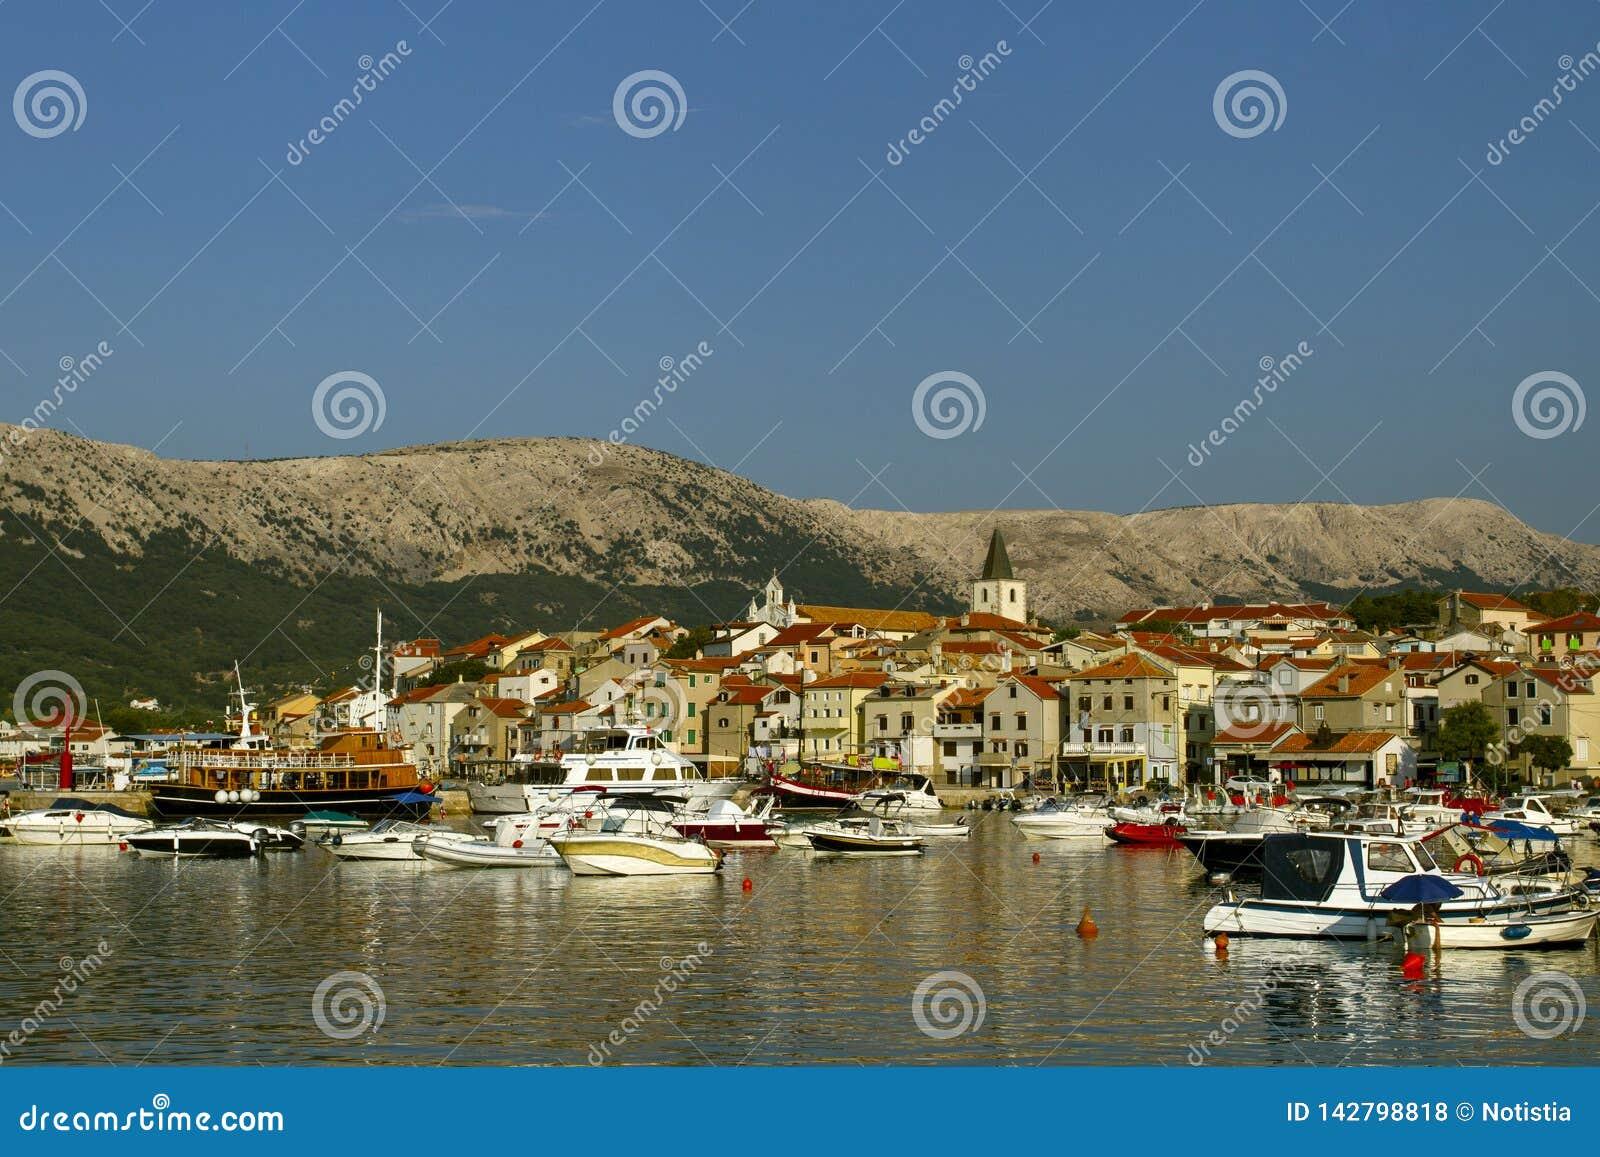 Μικρή πόλη Baska η μαρίνα του Βάρκα στο πρώτο πλάνο Διακοπές της Κροατίας Νησί Krk Αδριατική ακτή, Κροατία, Ευρώπη Θερινό vaca